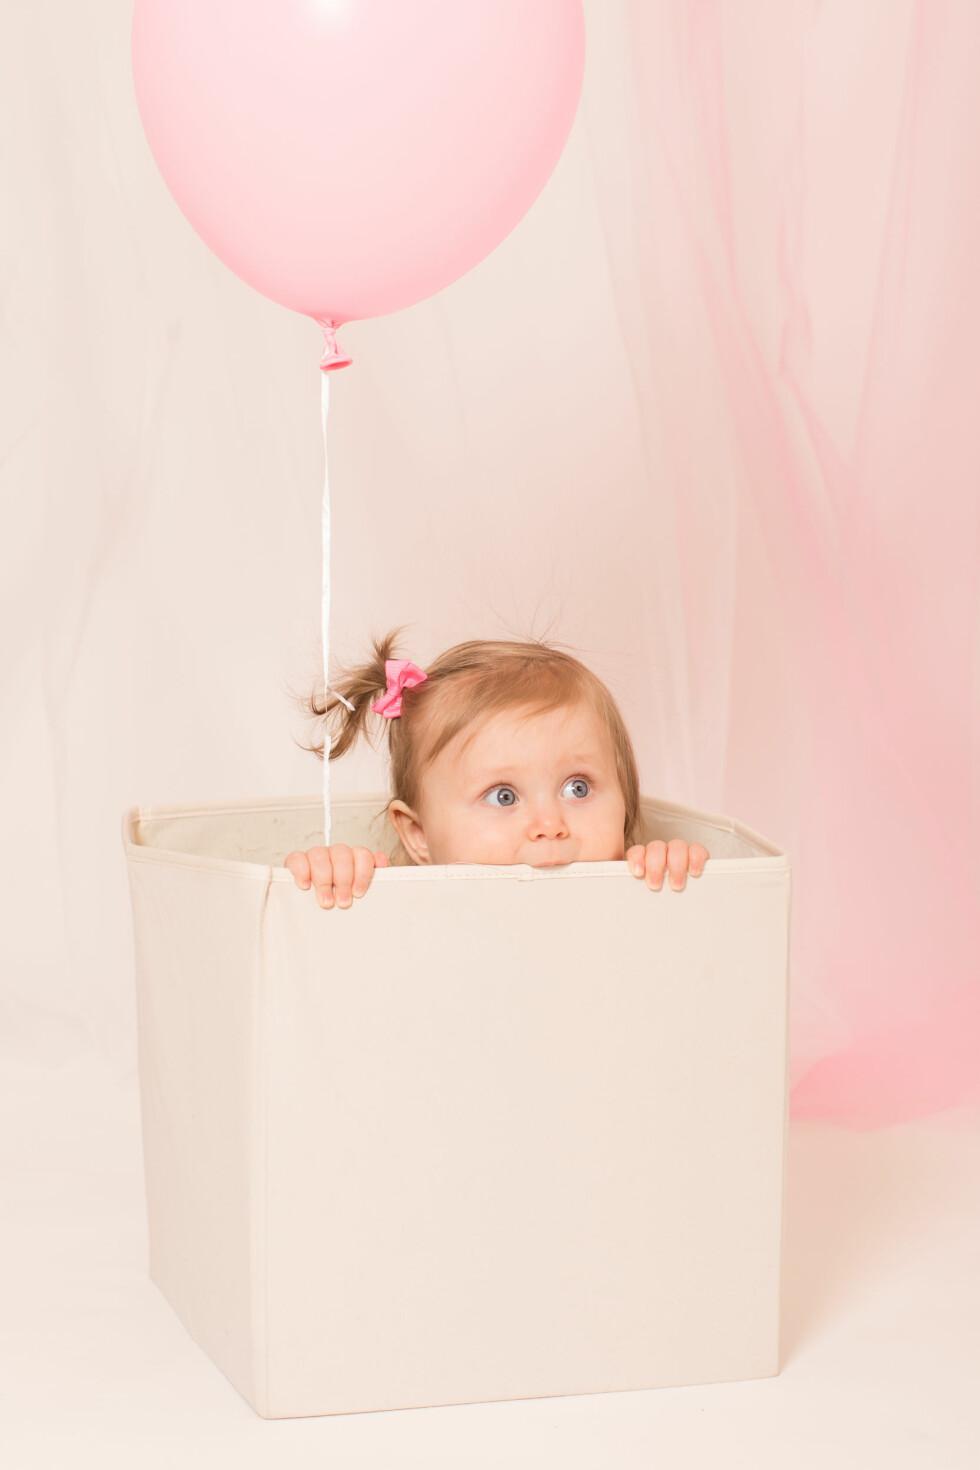 BRA SAMSPILL: Denne jenta sjarmerte fotografen med sine morsomme ord og uttrykk. Foto: Tom Sørheim / M&T fotografisk